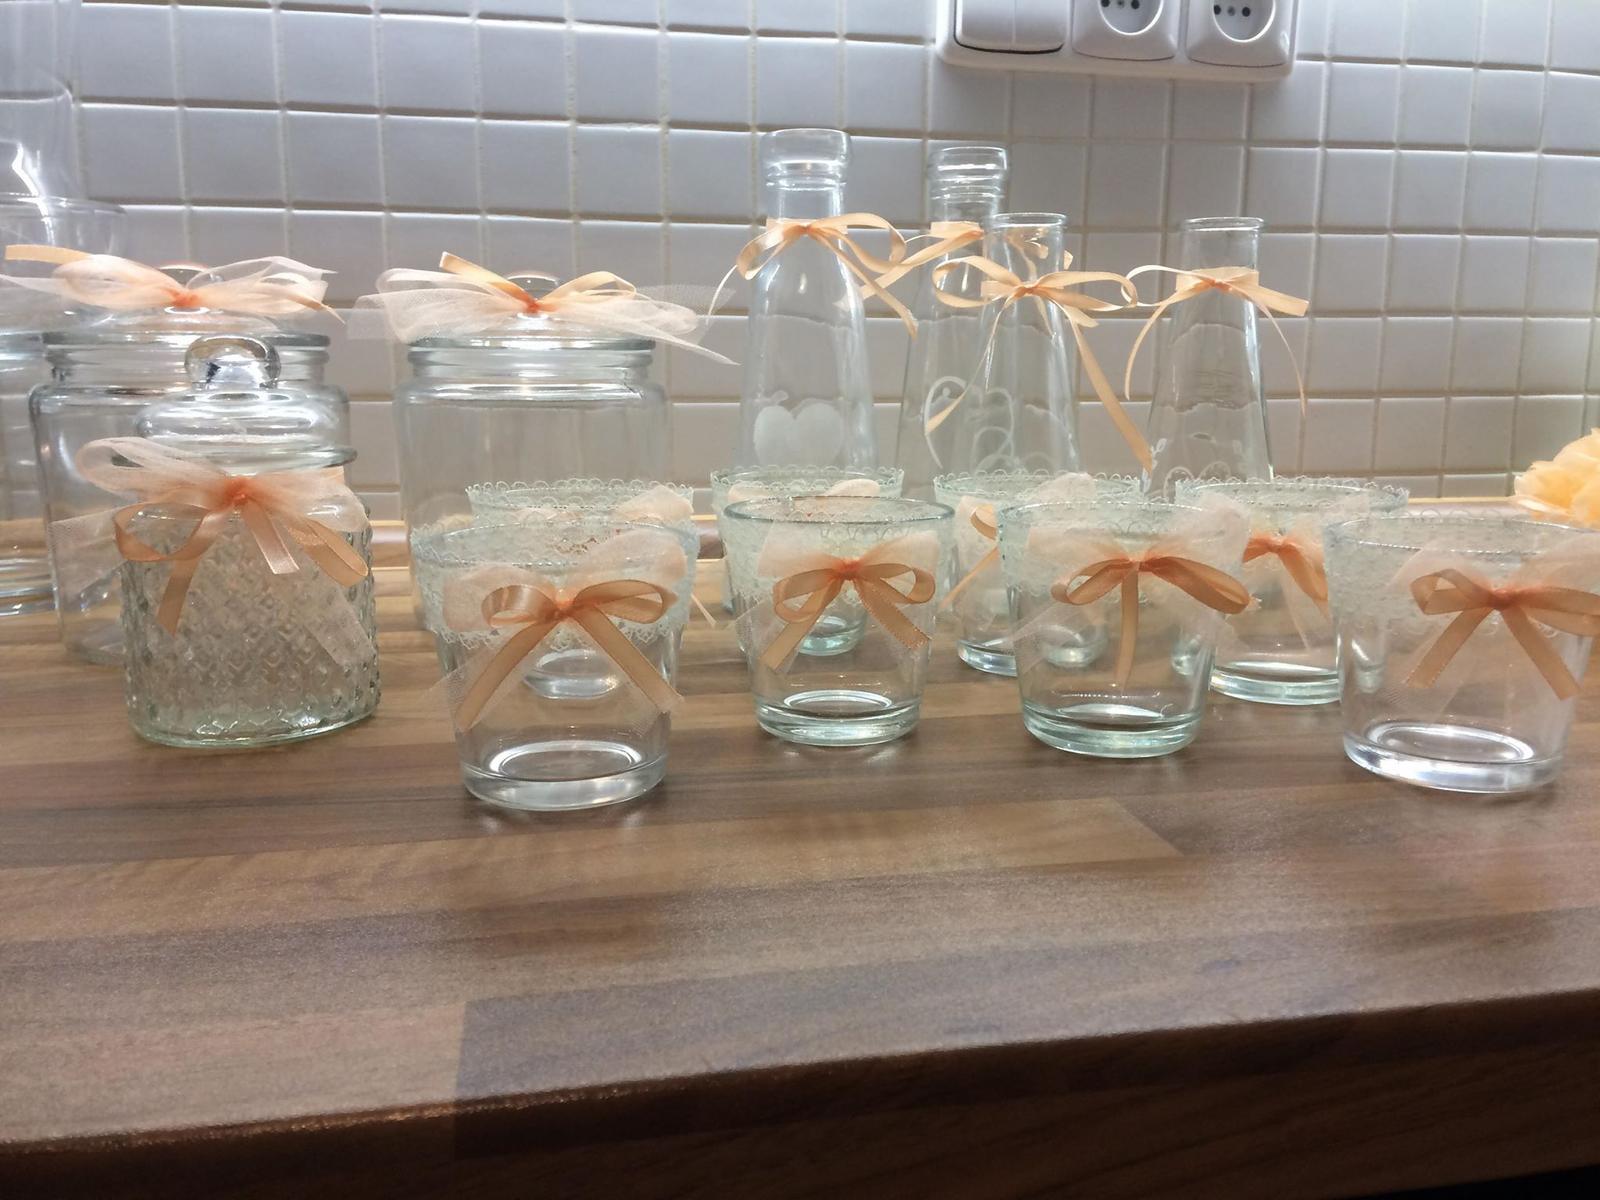 Naše svatební přípravy K+P - Dózičky a vázičky jsou z Pepca, svícínky vlastní výroba :)